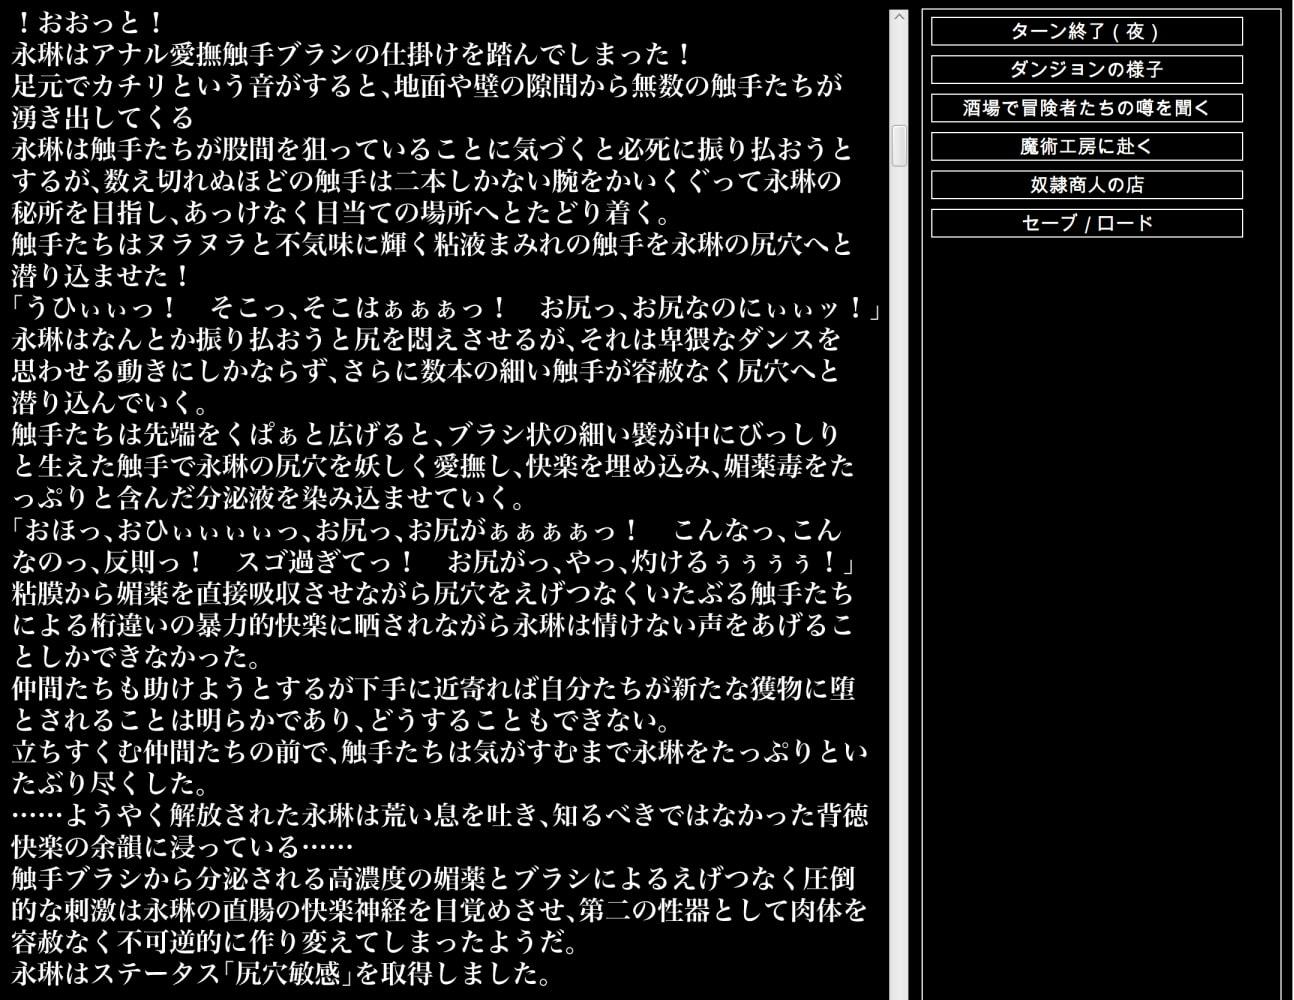 幻想エロトラップダンジョン敗北陵辱冒険記3